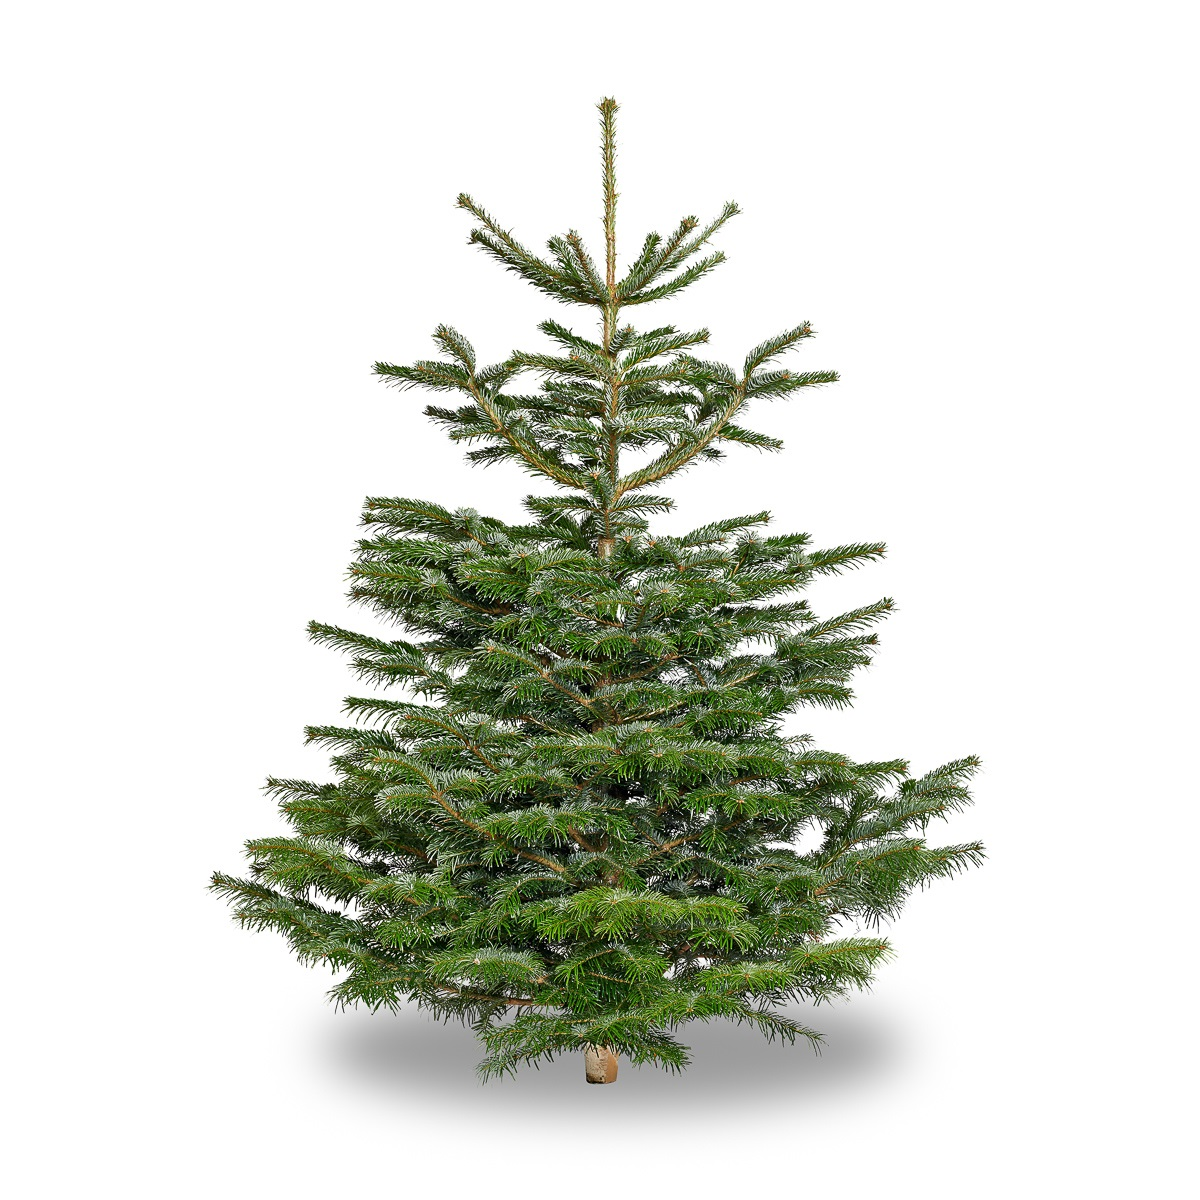 Nordmann Fir Christmas Trees 7ft